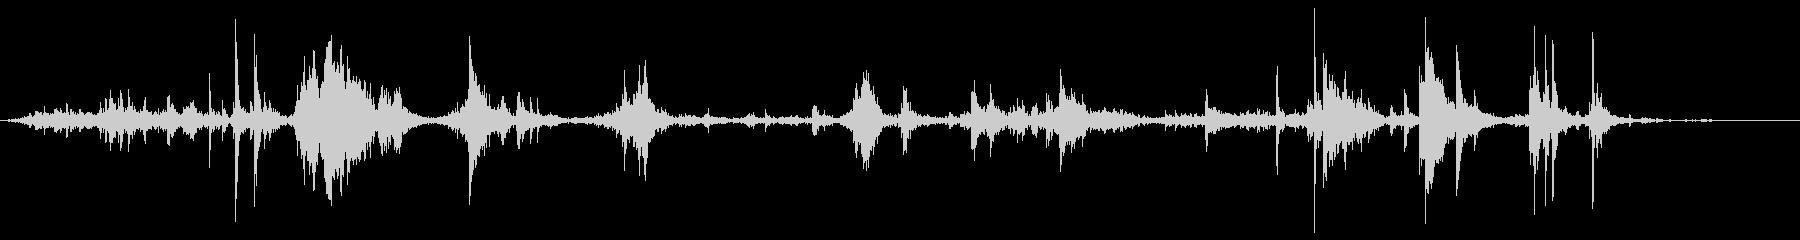 机や棚などをガサゴソ探す効果音 02の未再生の波形